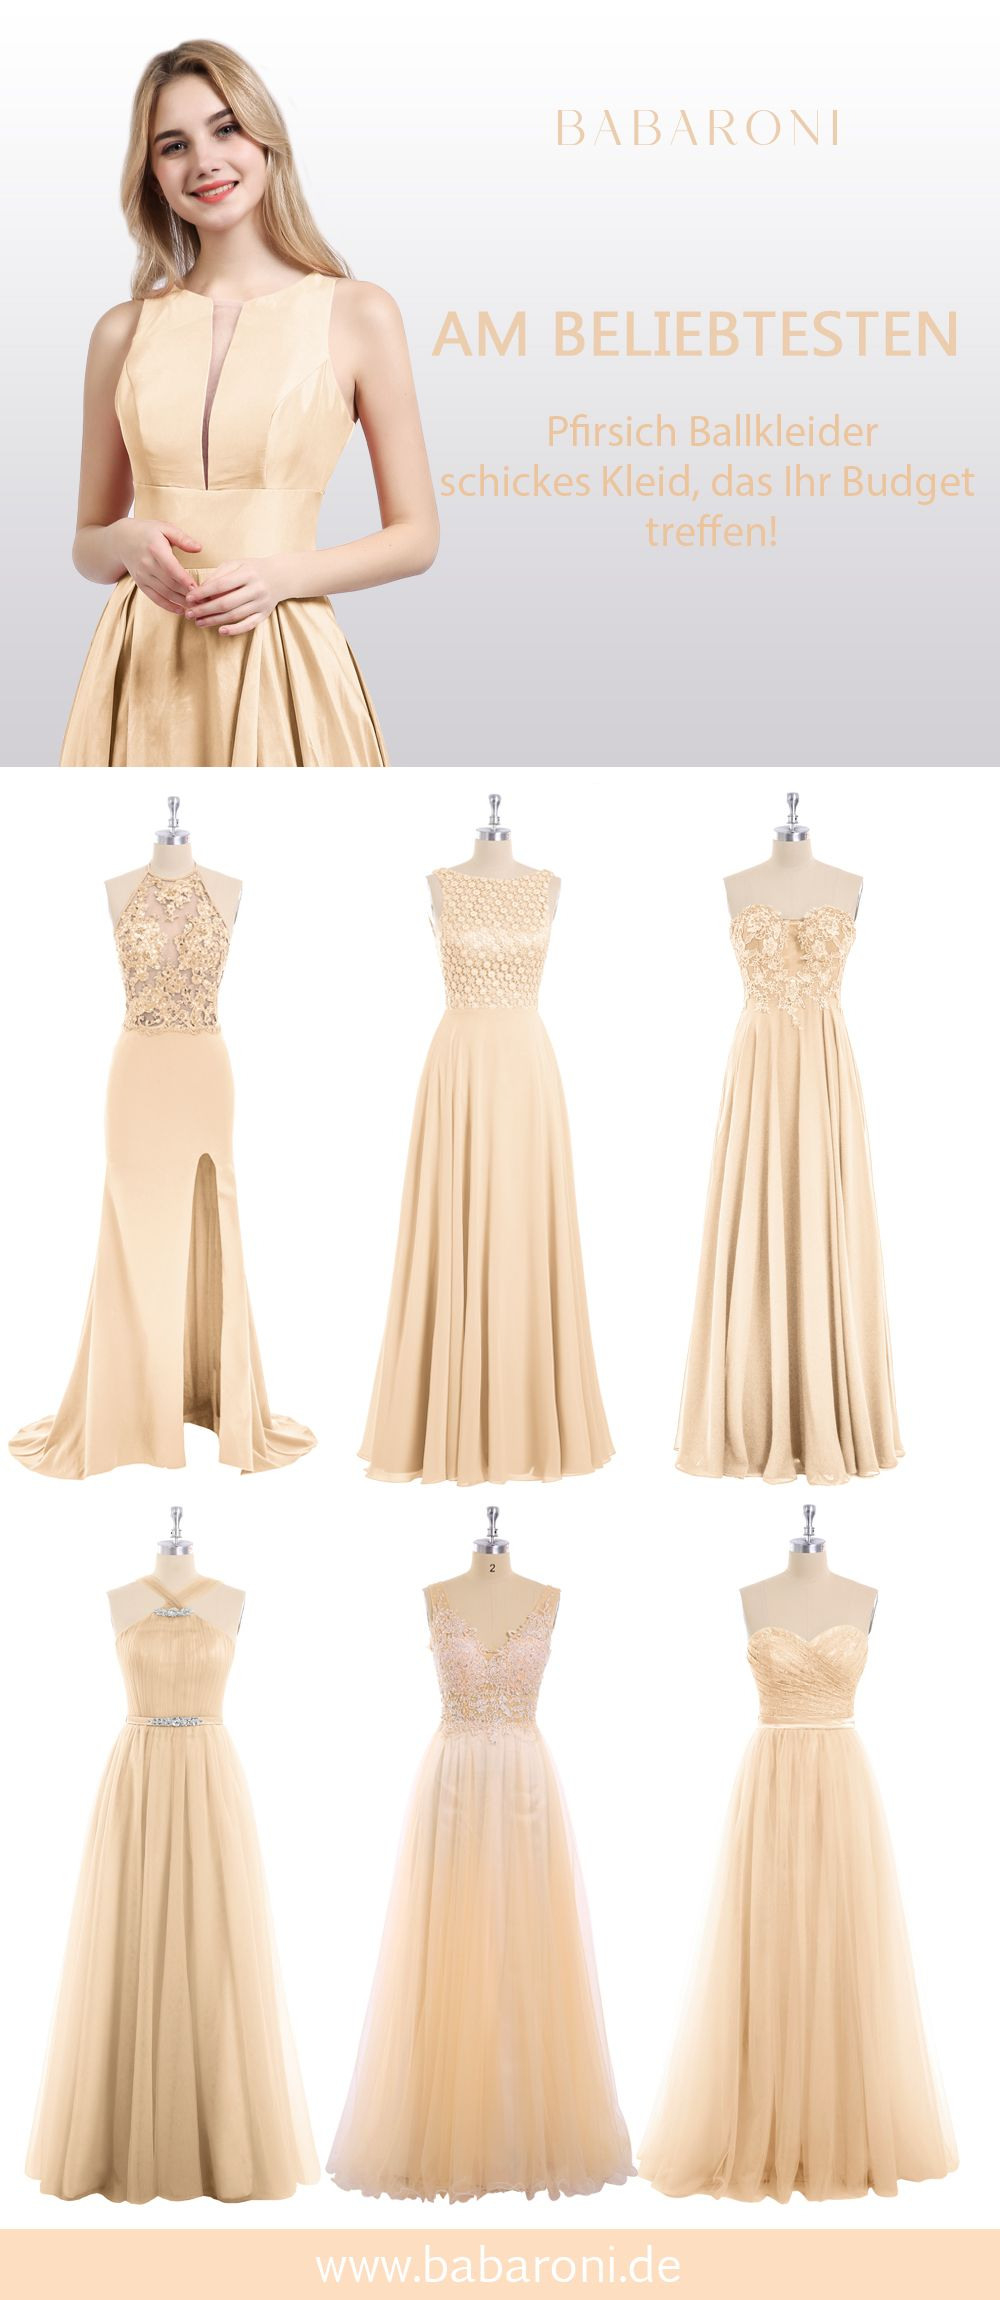 17 Spektakulär Schickes Kleid Für Hochzeit Design20 Schön Schickes Kleid Für Hochzeit Stylish